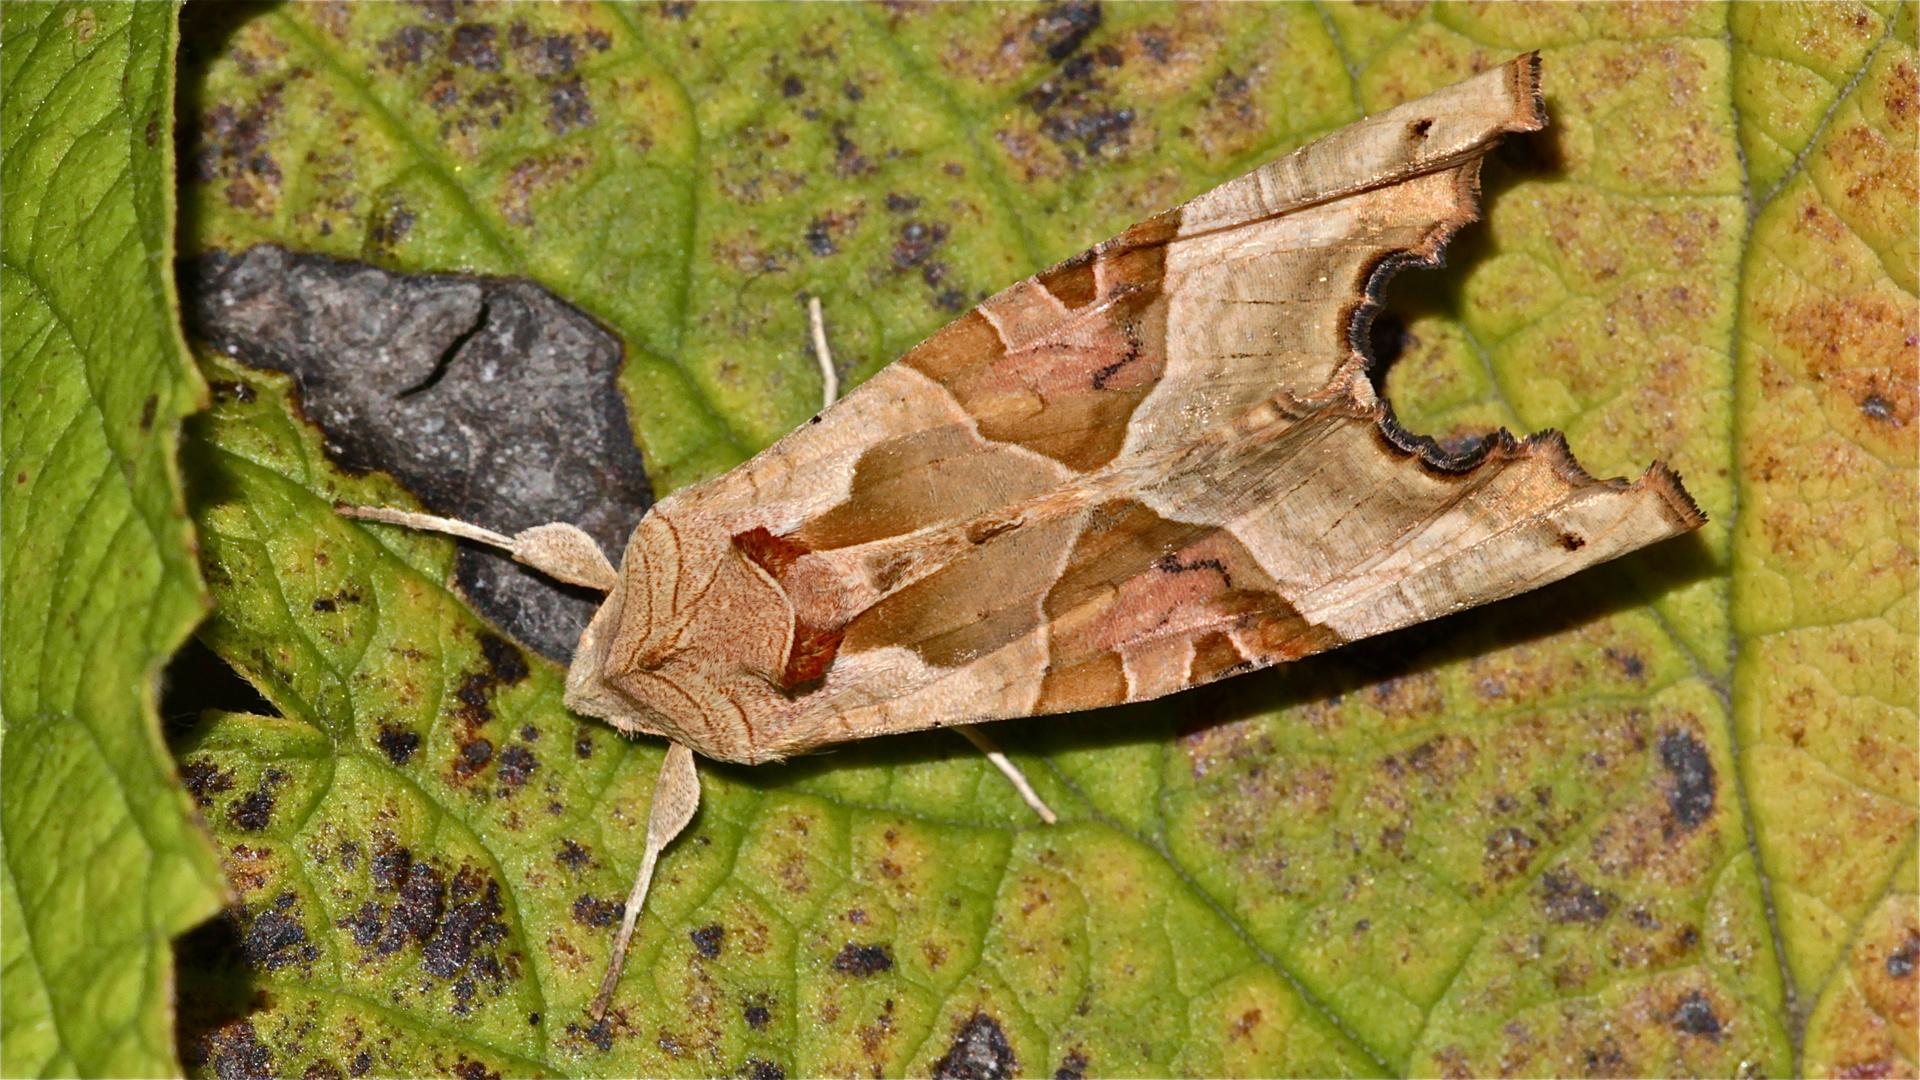 Diese Achateule (Trigonophora meticulosa) wünscht Euch einen guten Wochenanfang!